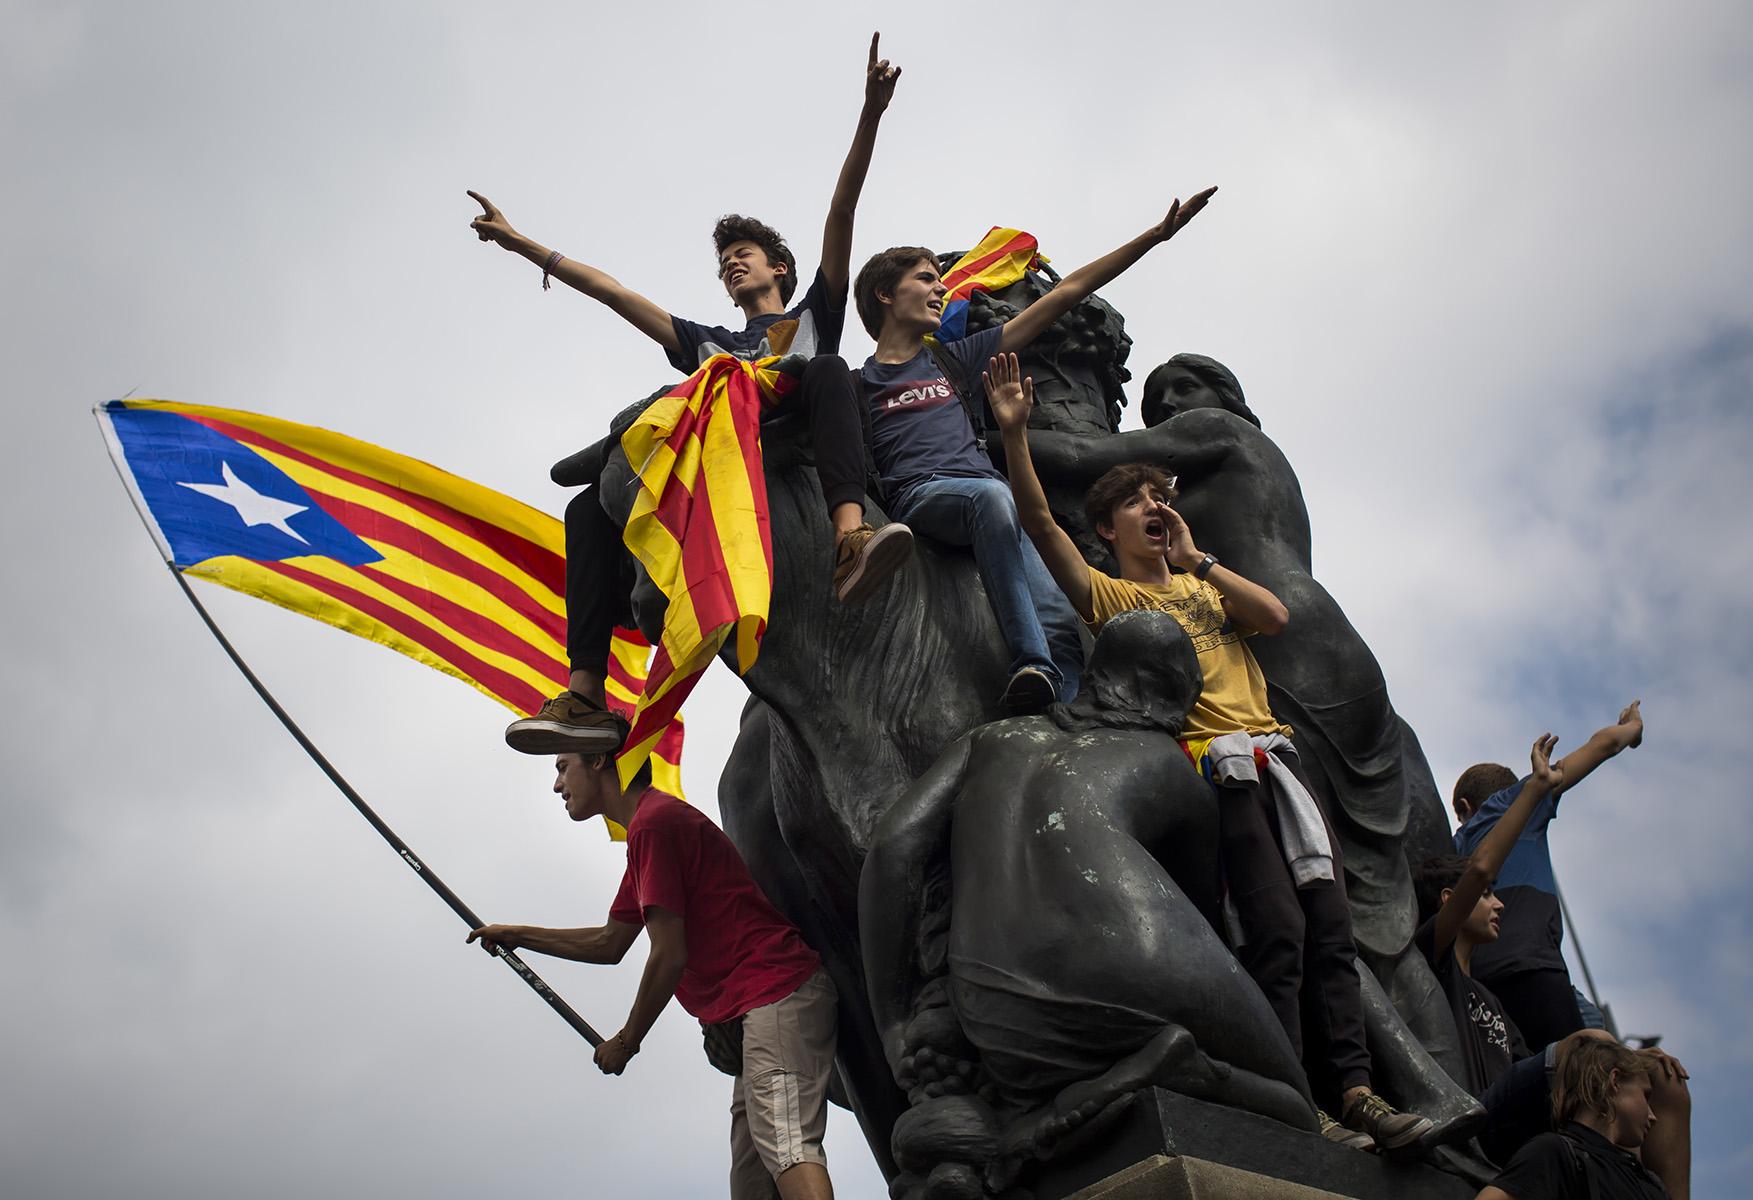 Ambiente Dia después de la Celebración del Referendum del 1-O en Cataluña© Alberto R. Roldan / Diario La Razon02 10 2017